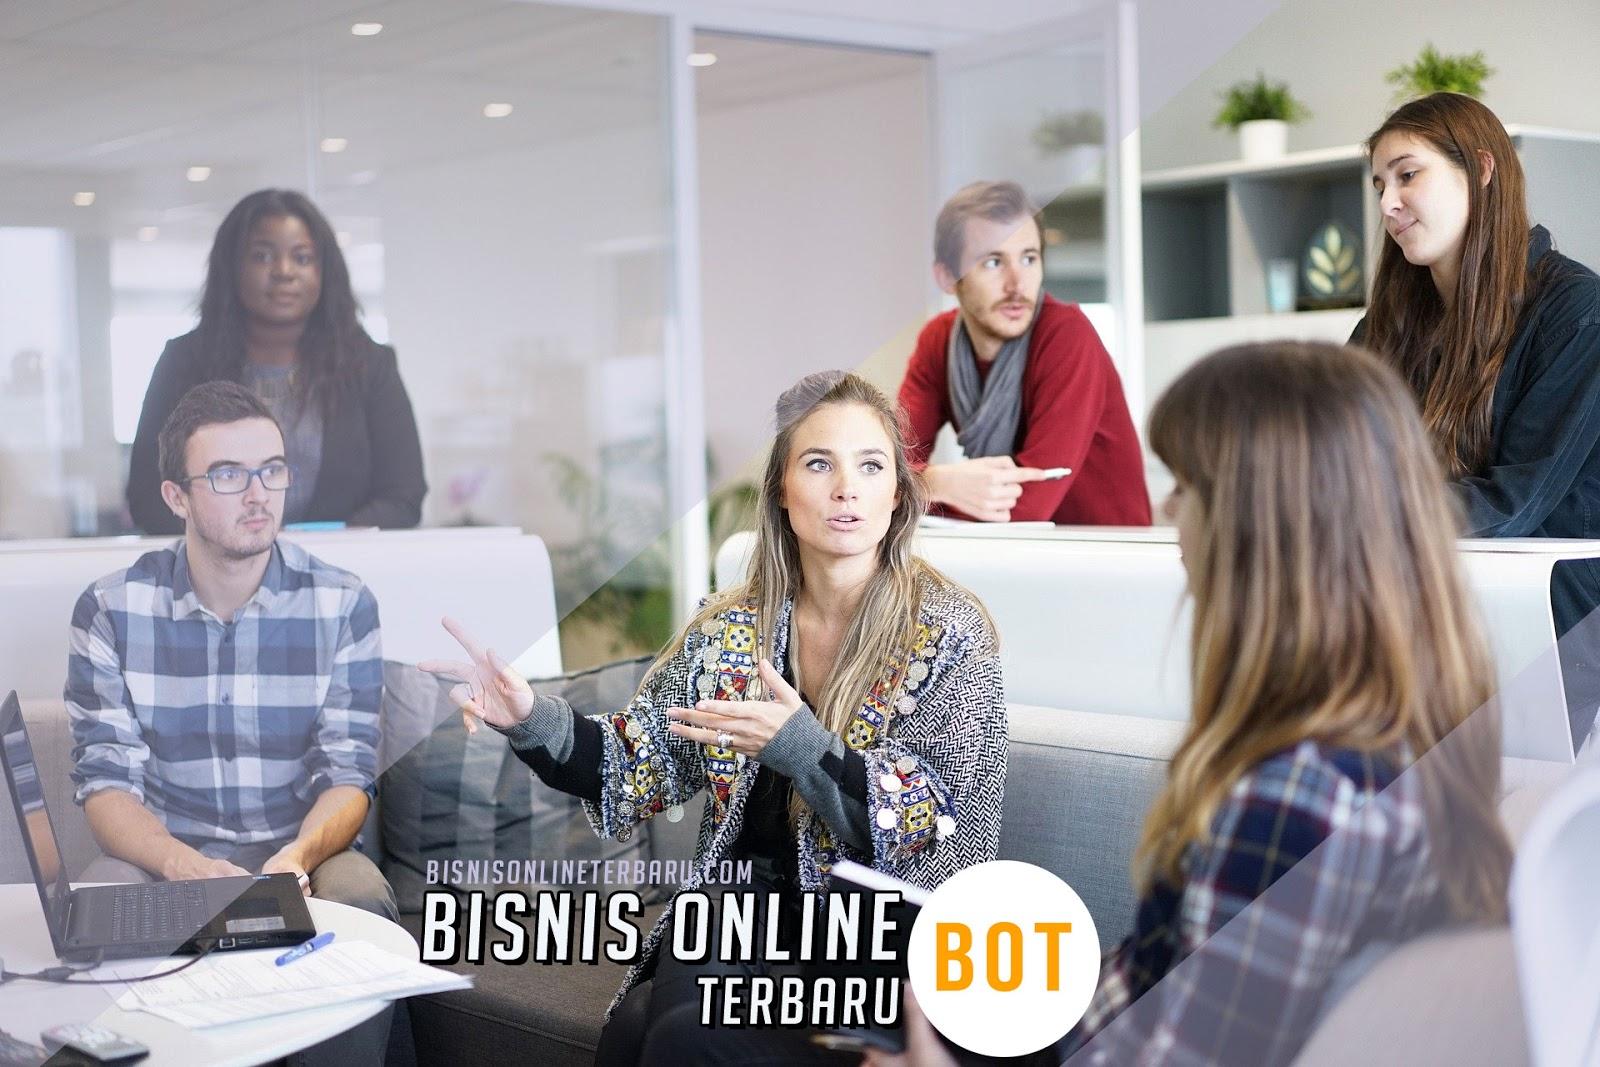 bisnis online terbaru dari bisnisonlineterbaru.com